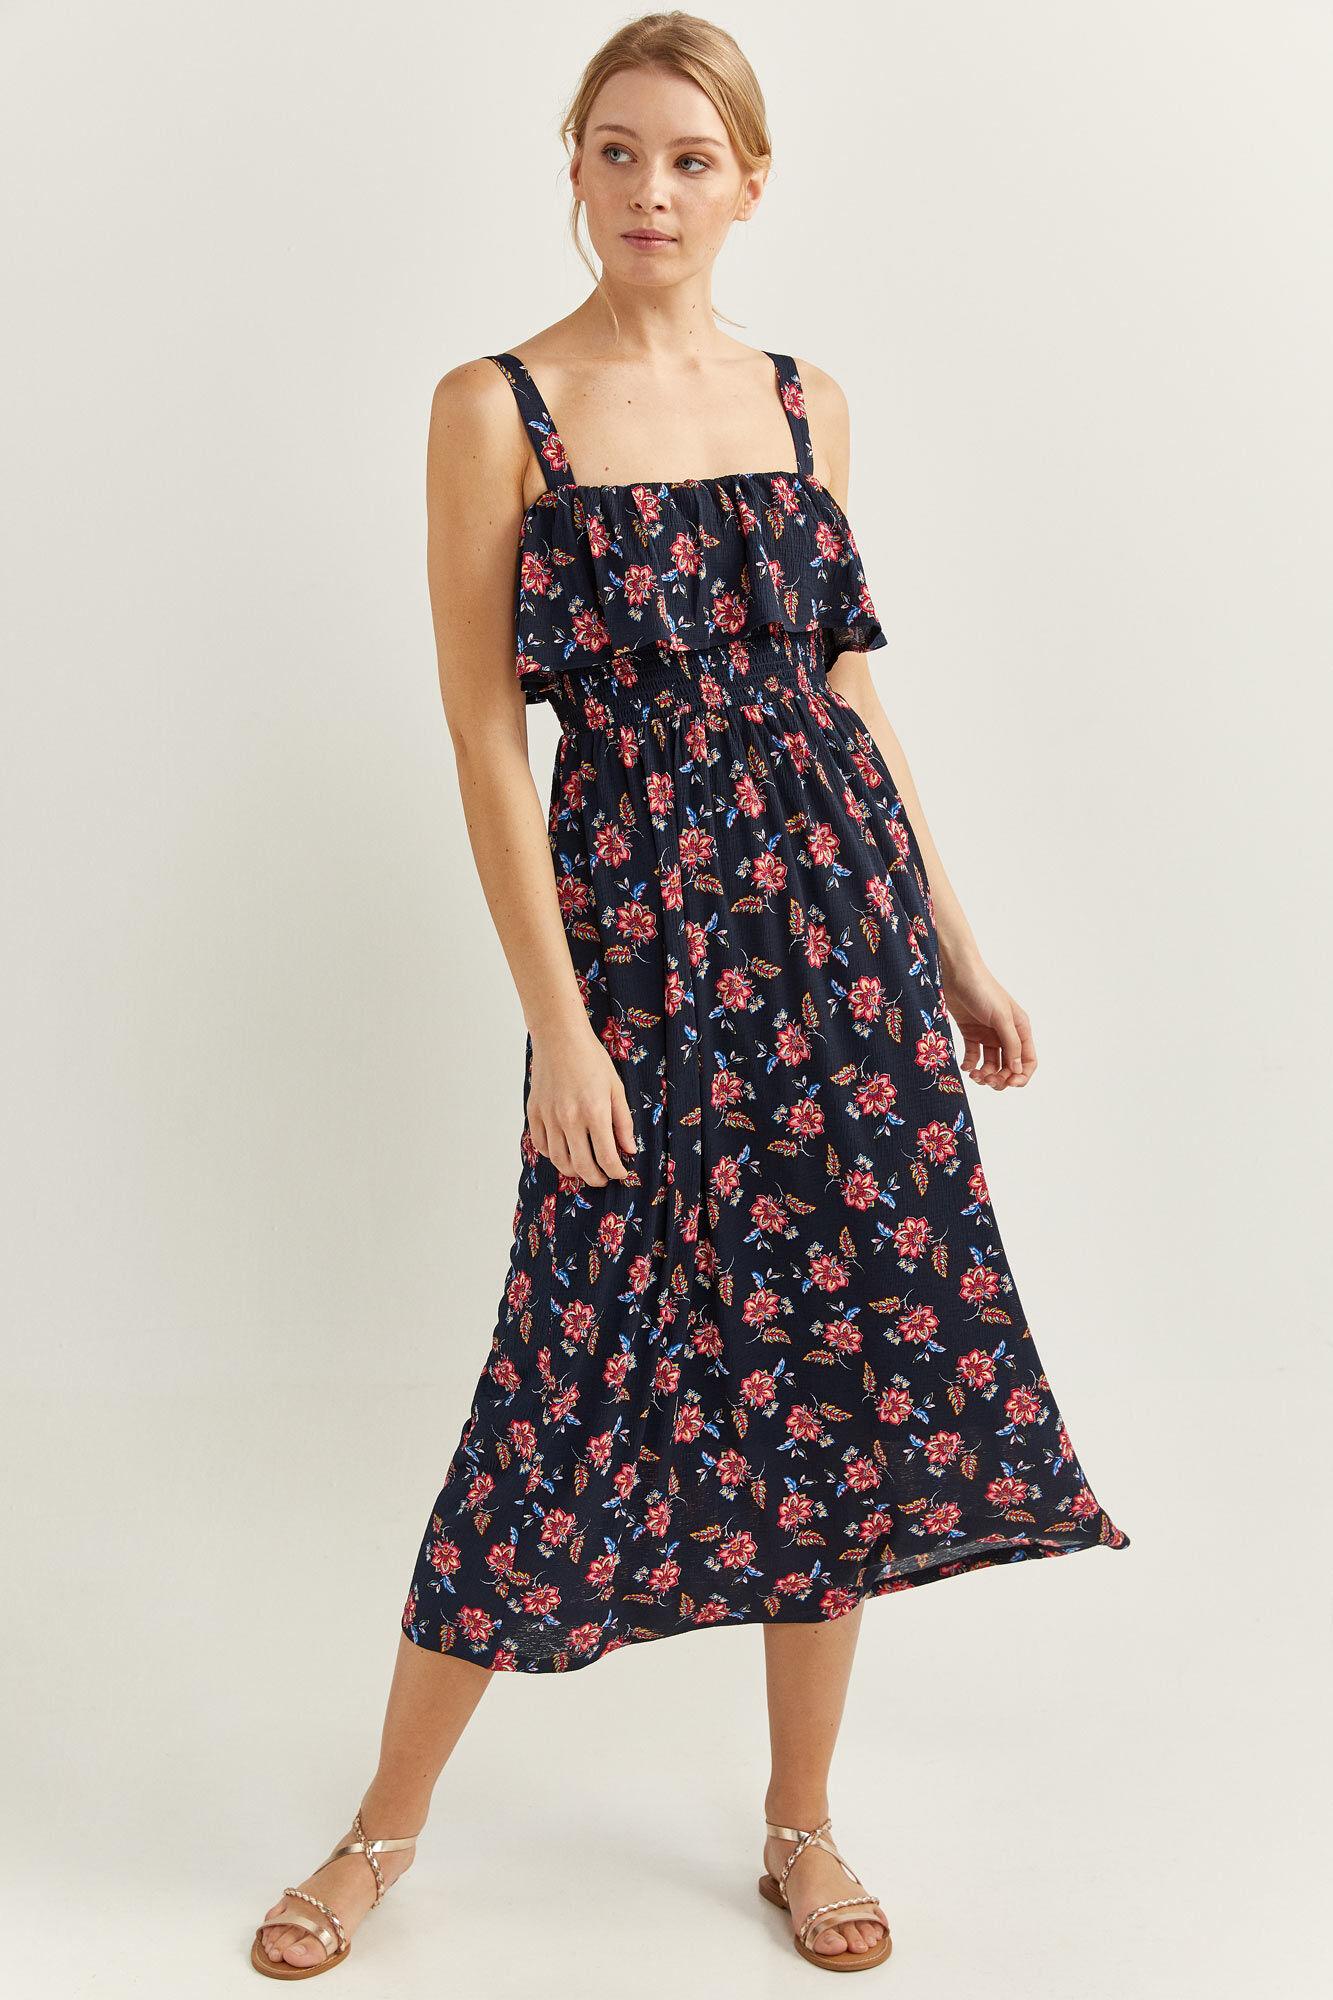 Langes Kleid Blumen  Kleider  Springfield Man & Woman